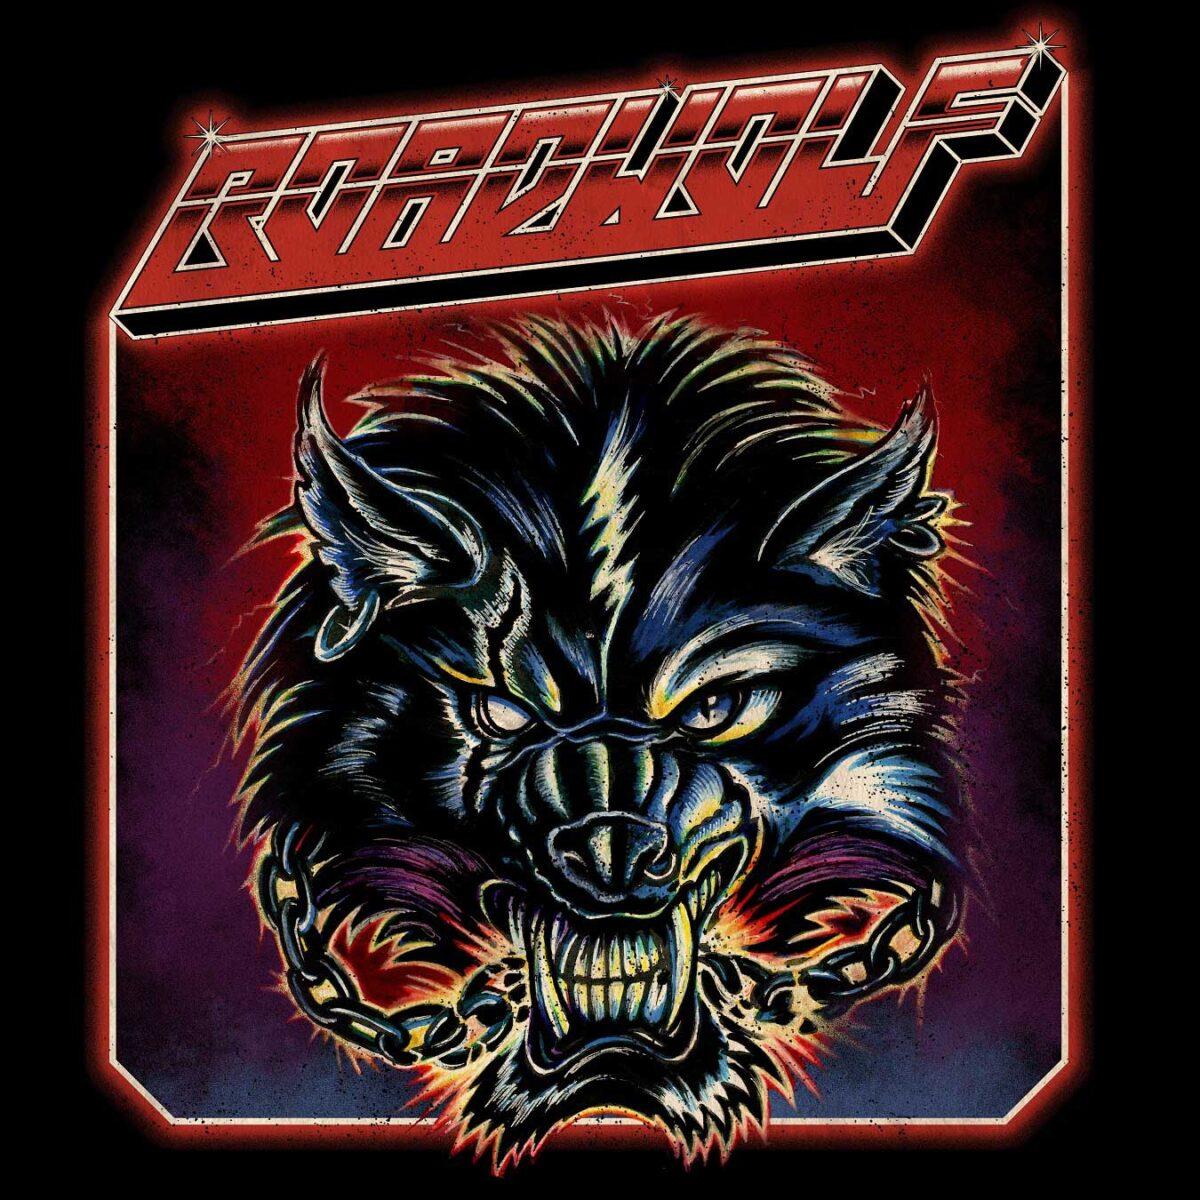 roadwolf:-classic-heavy-metal-aus-osterreich